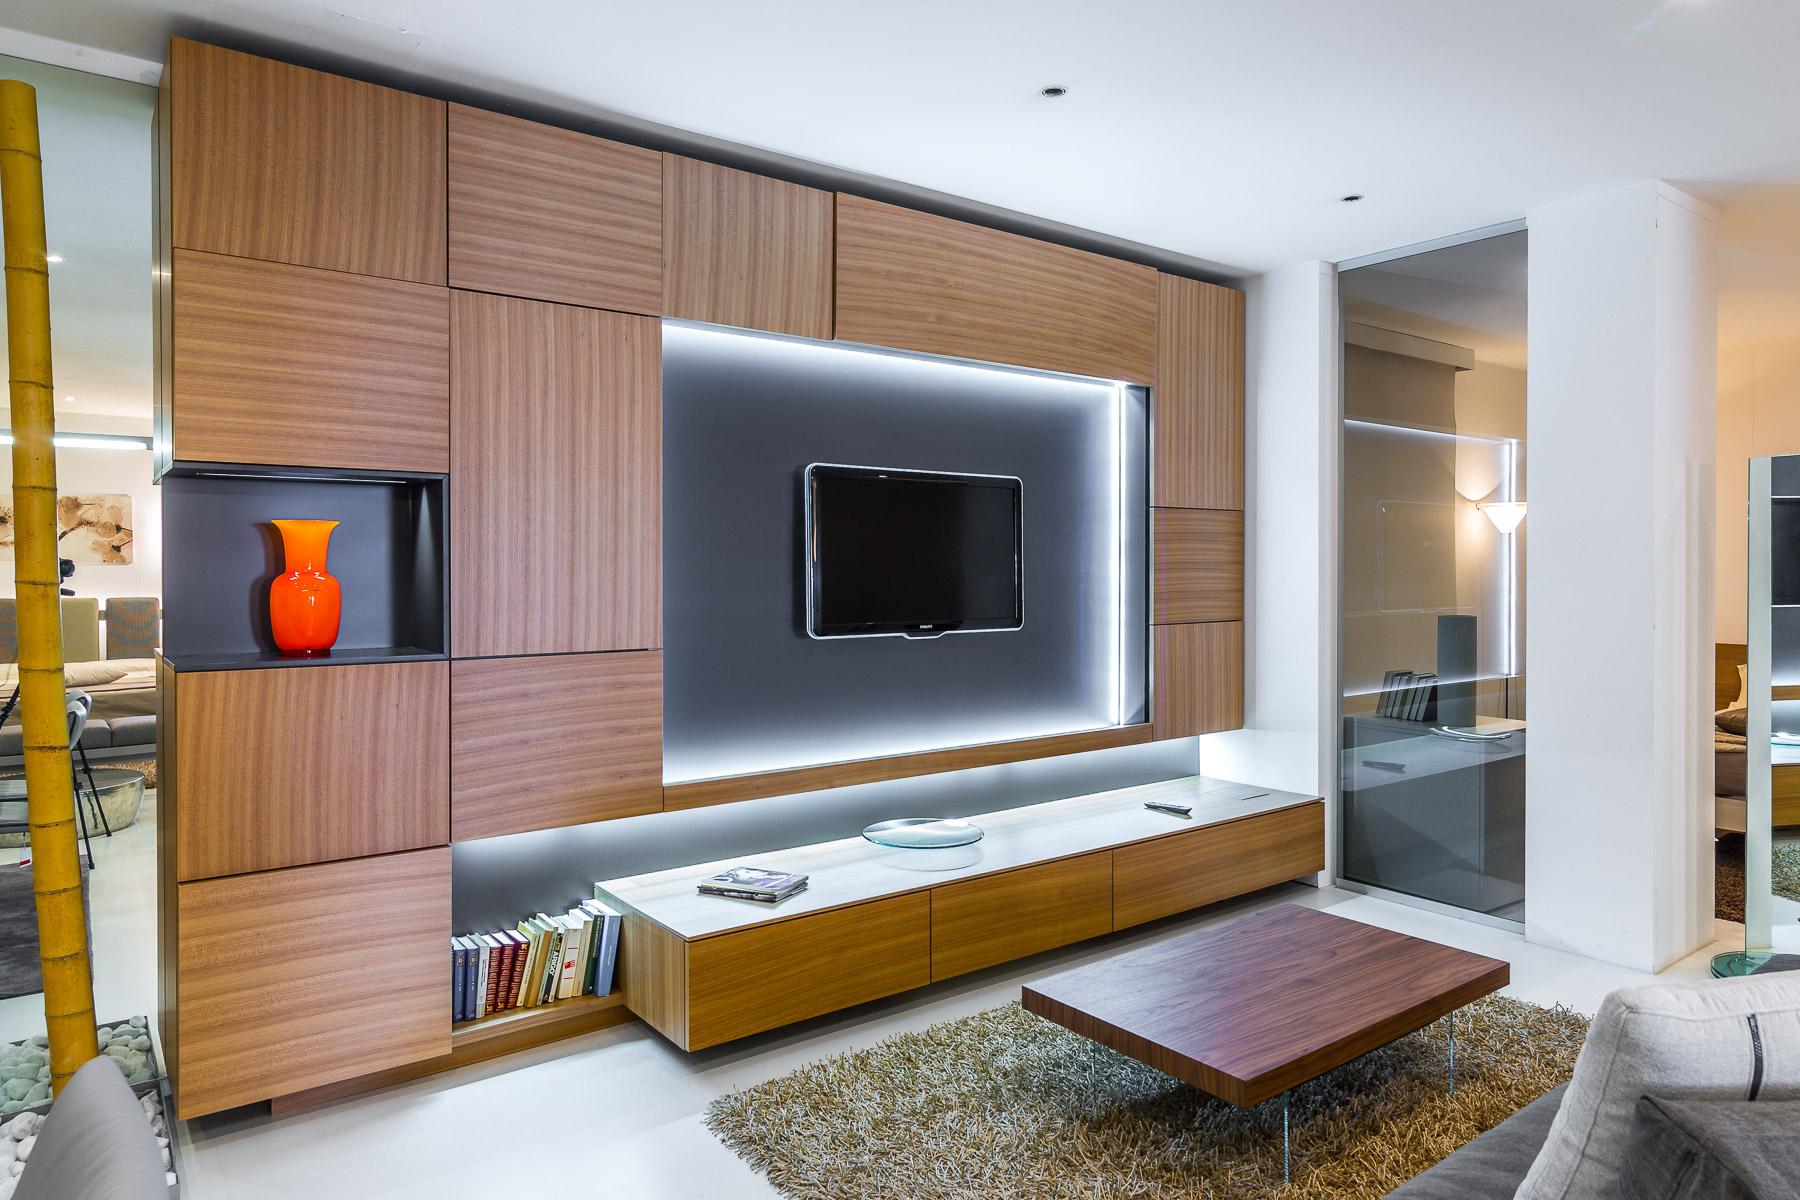 Turati t4 parete attrezzata cinema con proiettore e telo for Parete tv attrezzata